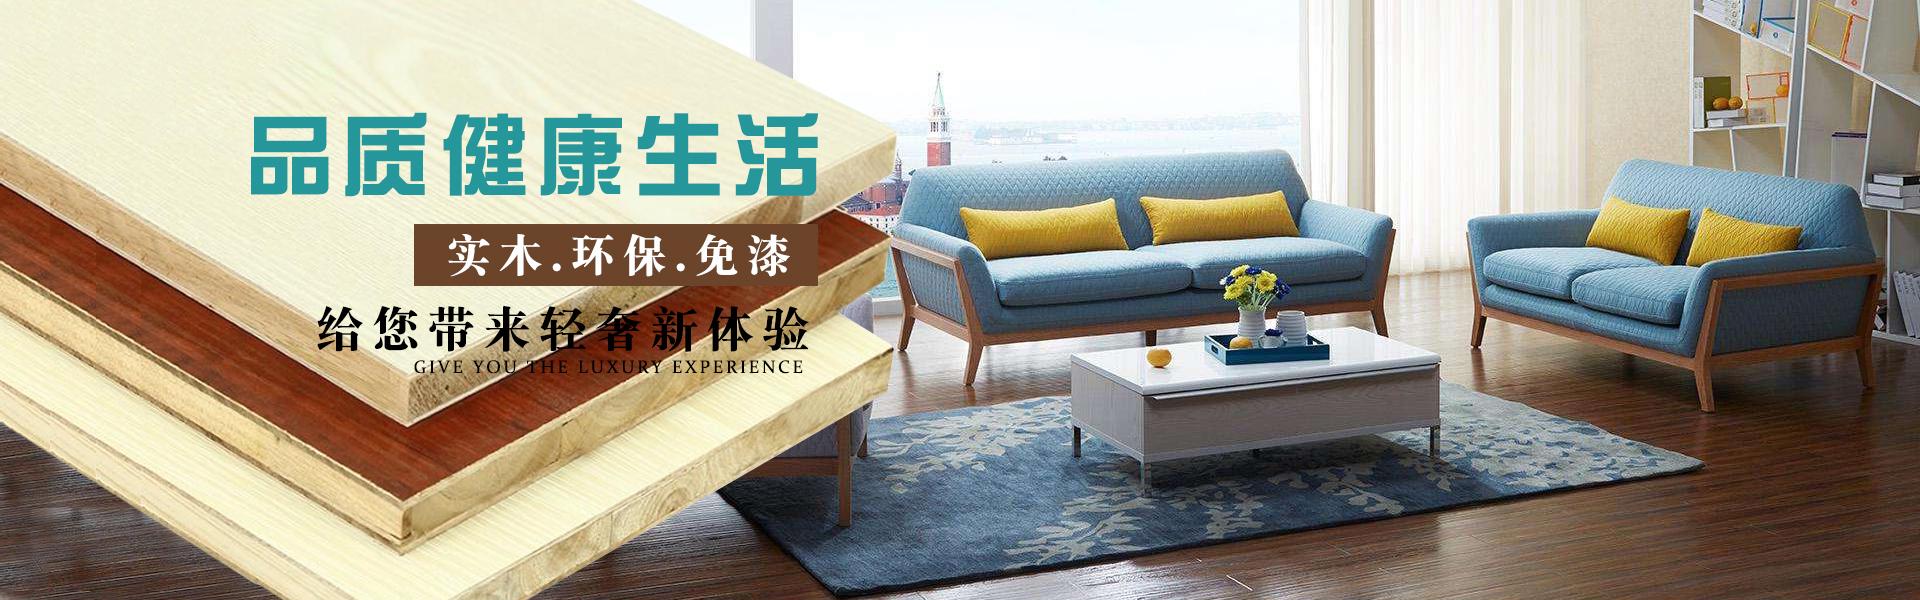 香港玉墅板材,玲珑兔板材,凤来板材,香港玉墅生态板,临沂生态板